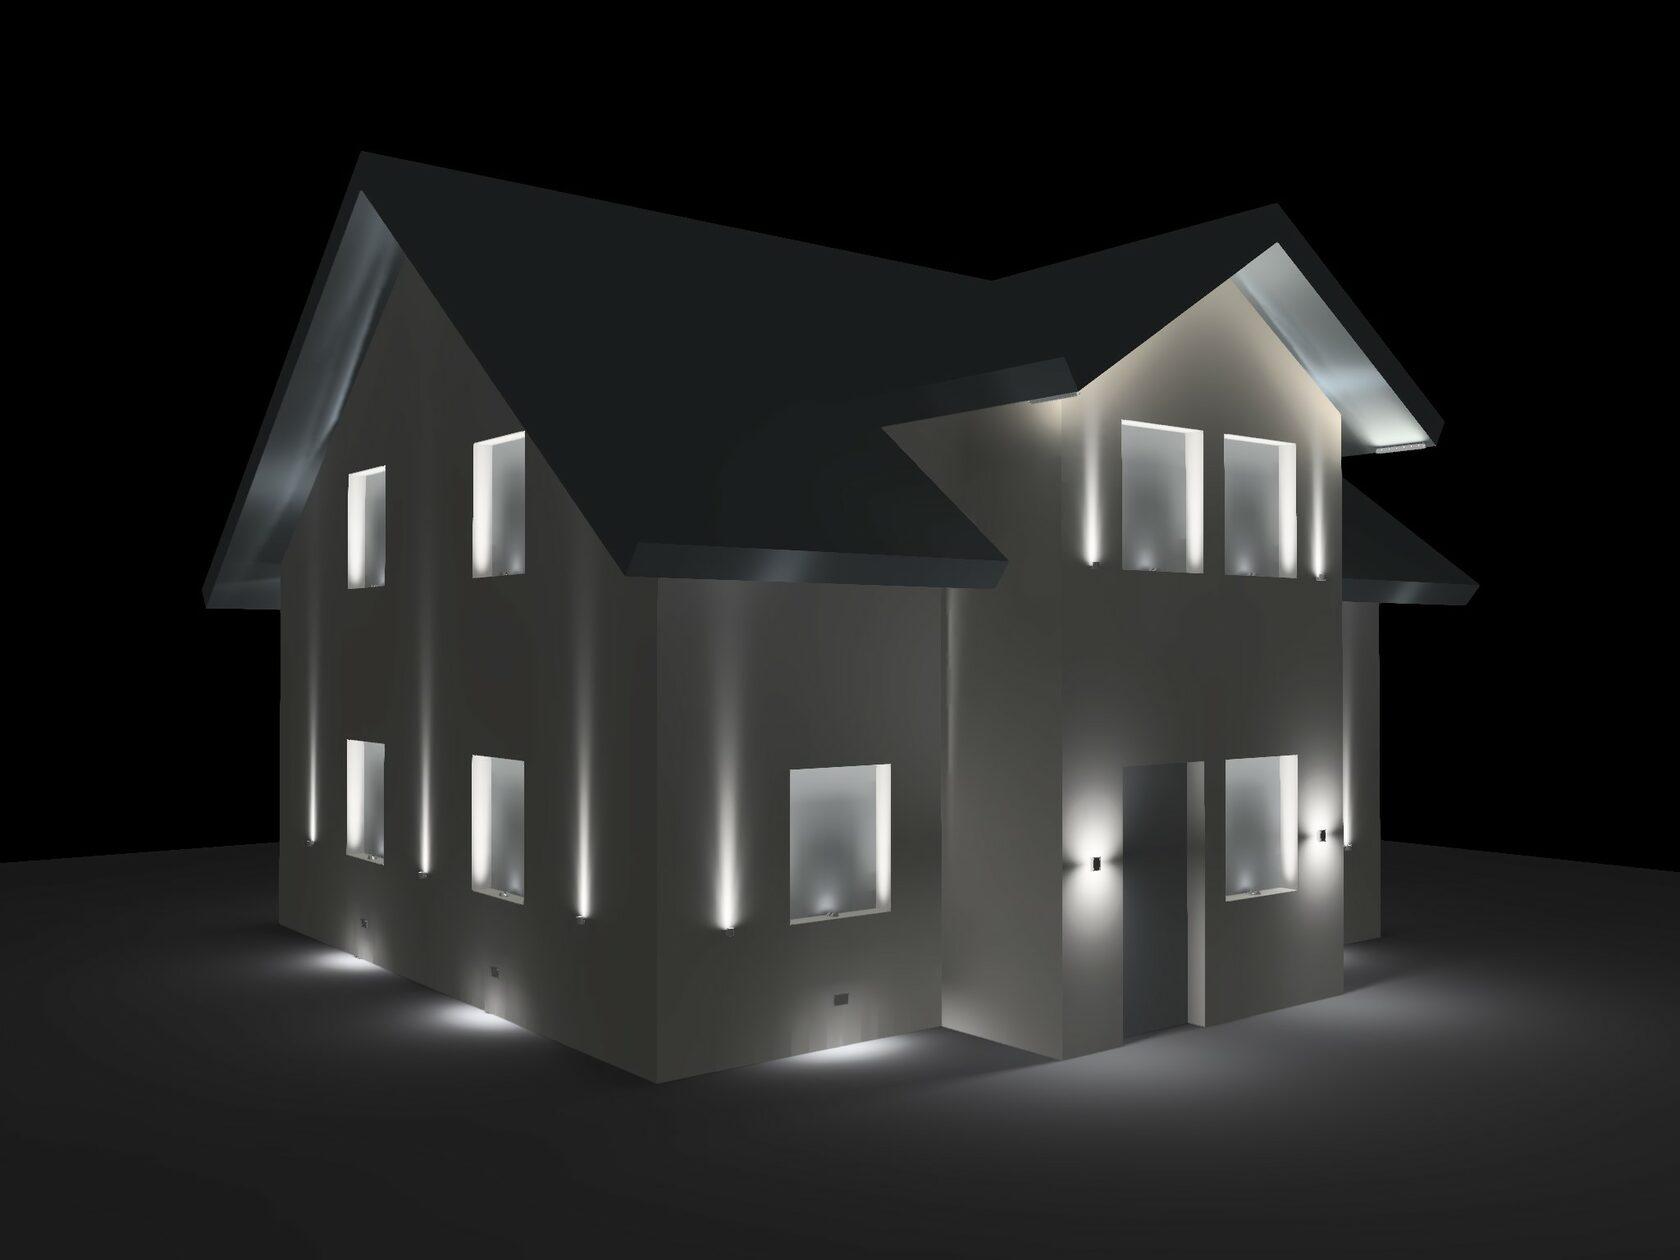 Сцена 1. Все светильники включены